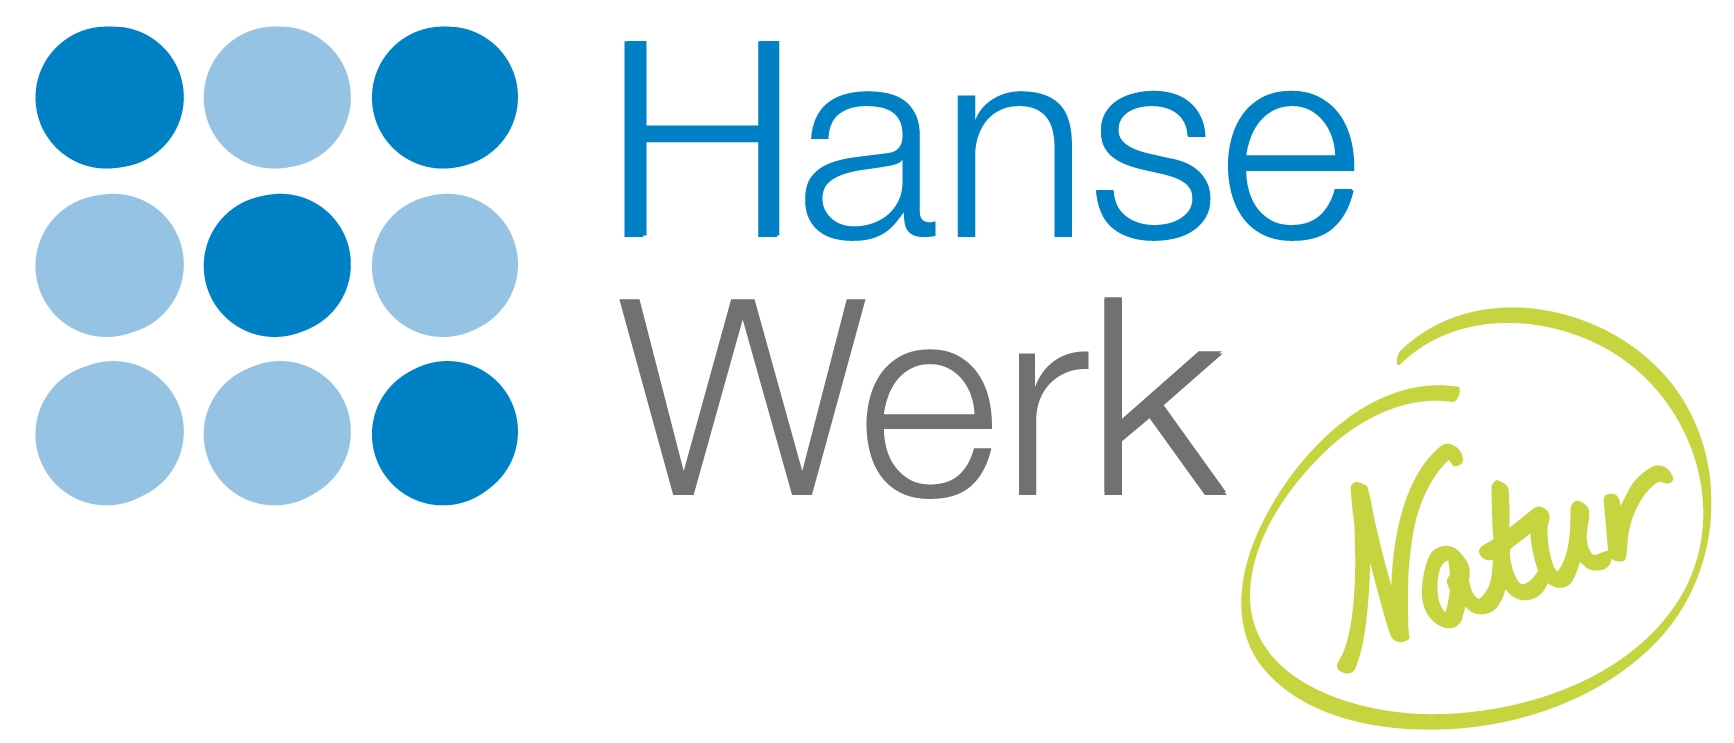 HanseWerk Natur versorgt 100 Haushalte in Schönberg mit effizienter Nahwärme